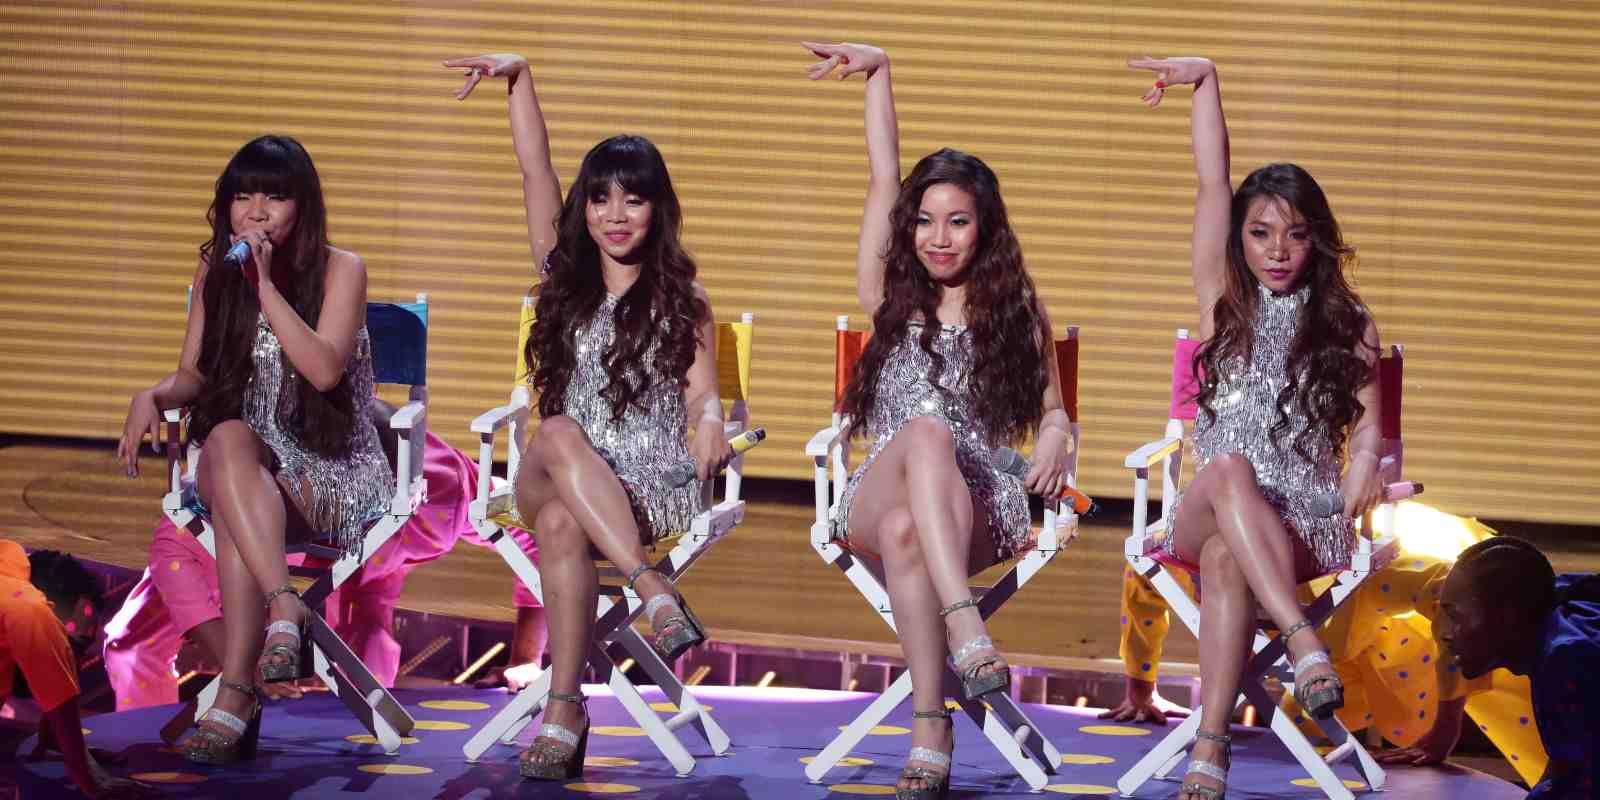 The X Factor Season 14